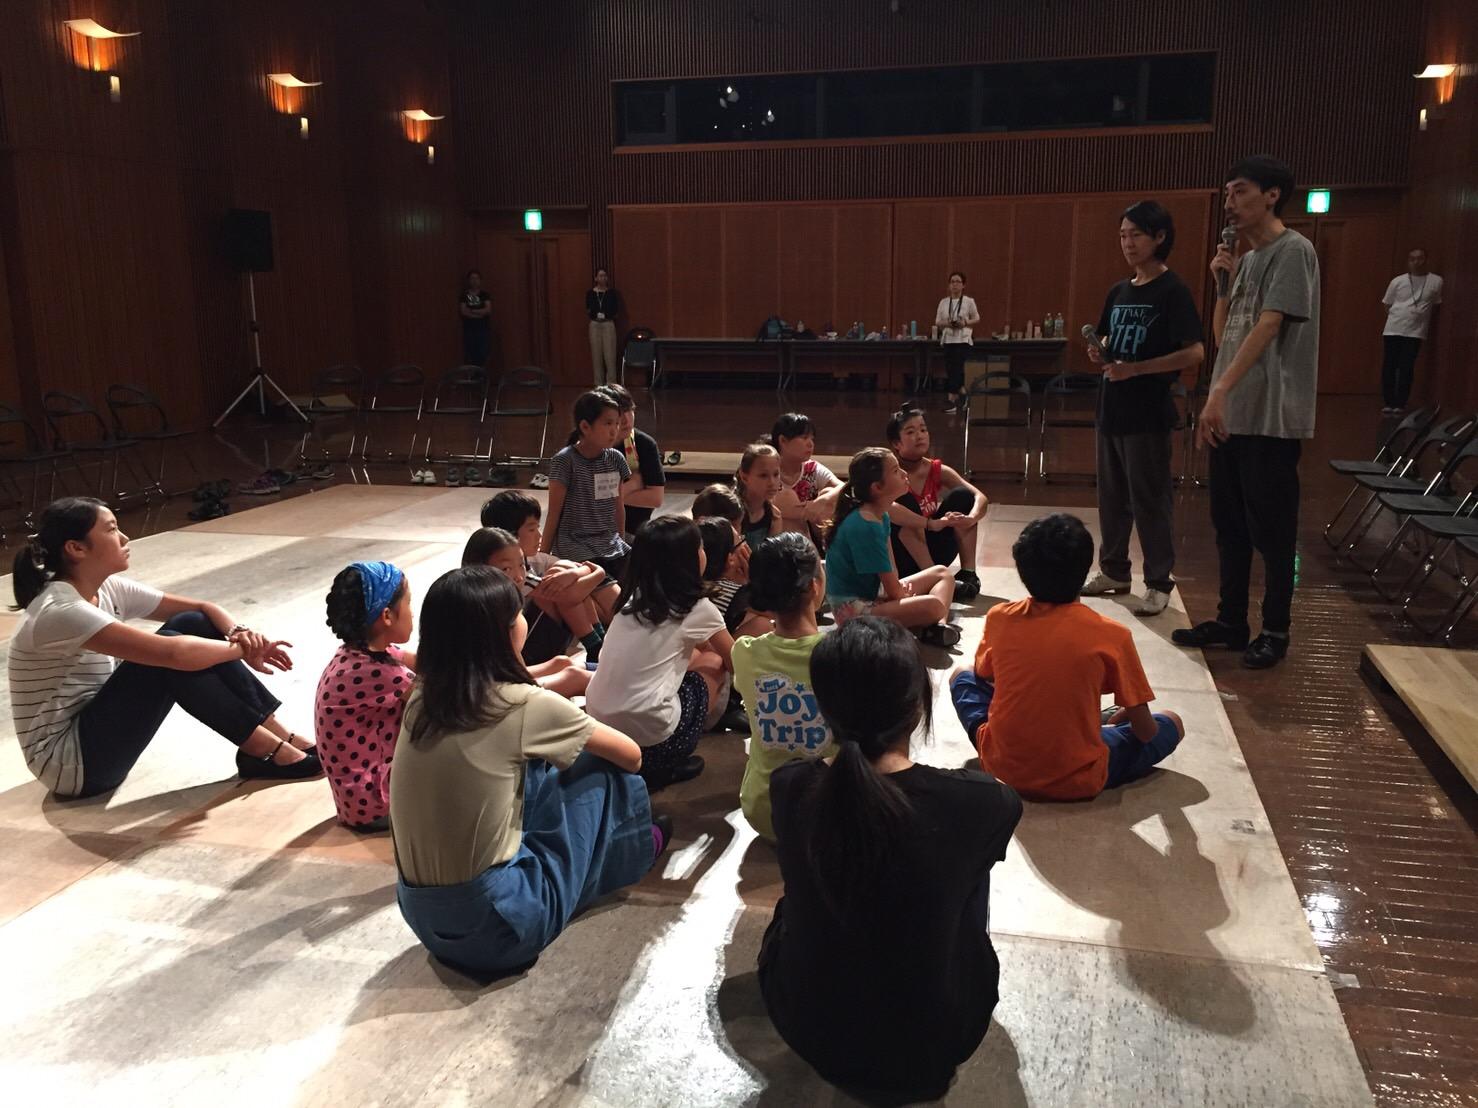 """""""TAP +fantastic"""" タップダンスワークショッププログラム@目黒パーシモンホール レポート!_f0137346_0313837.jpg"""